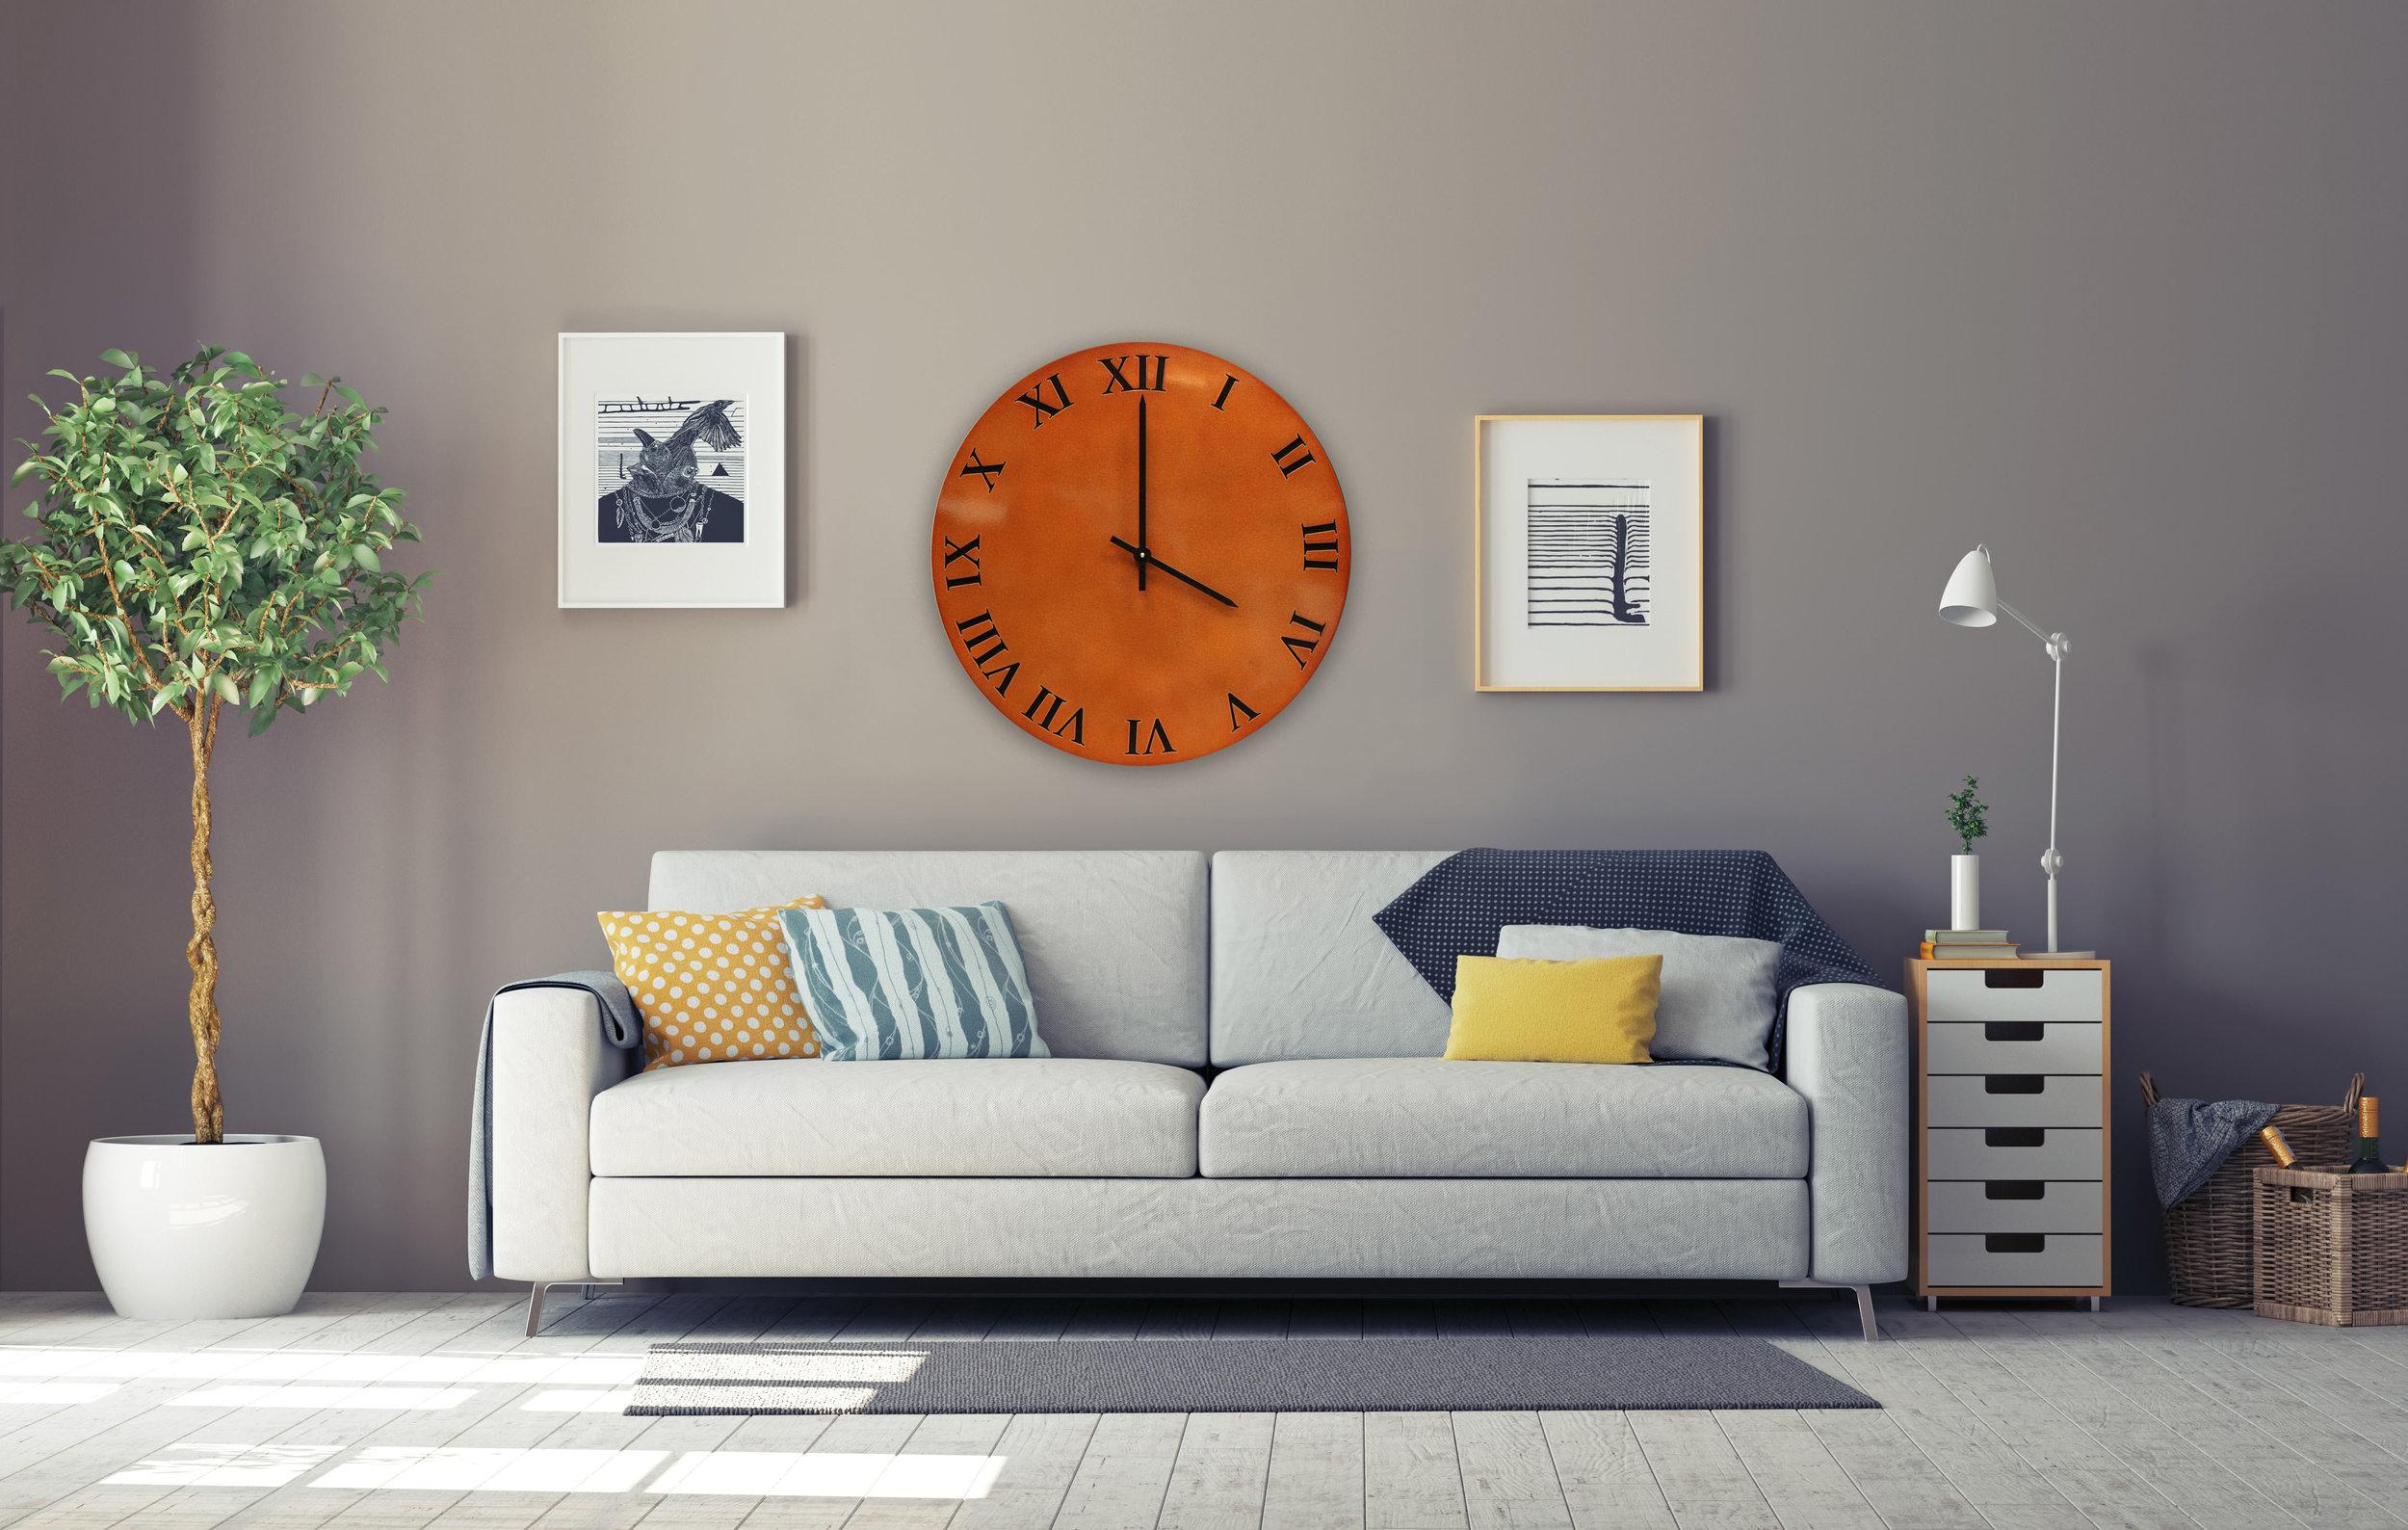 LivingRoomClock_Small_Copper.jpg